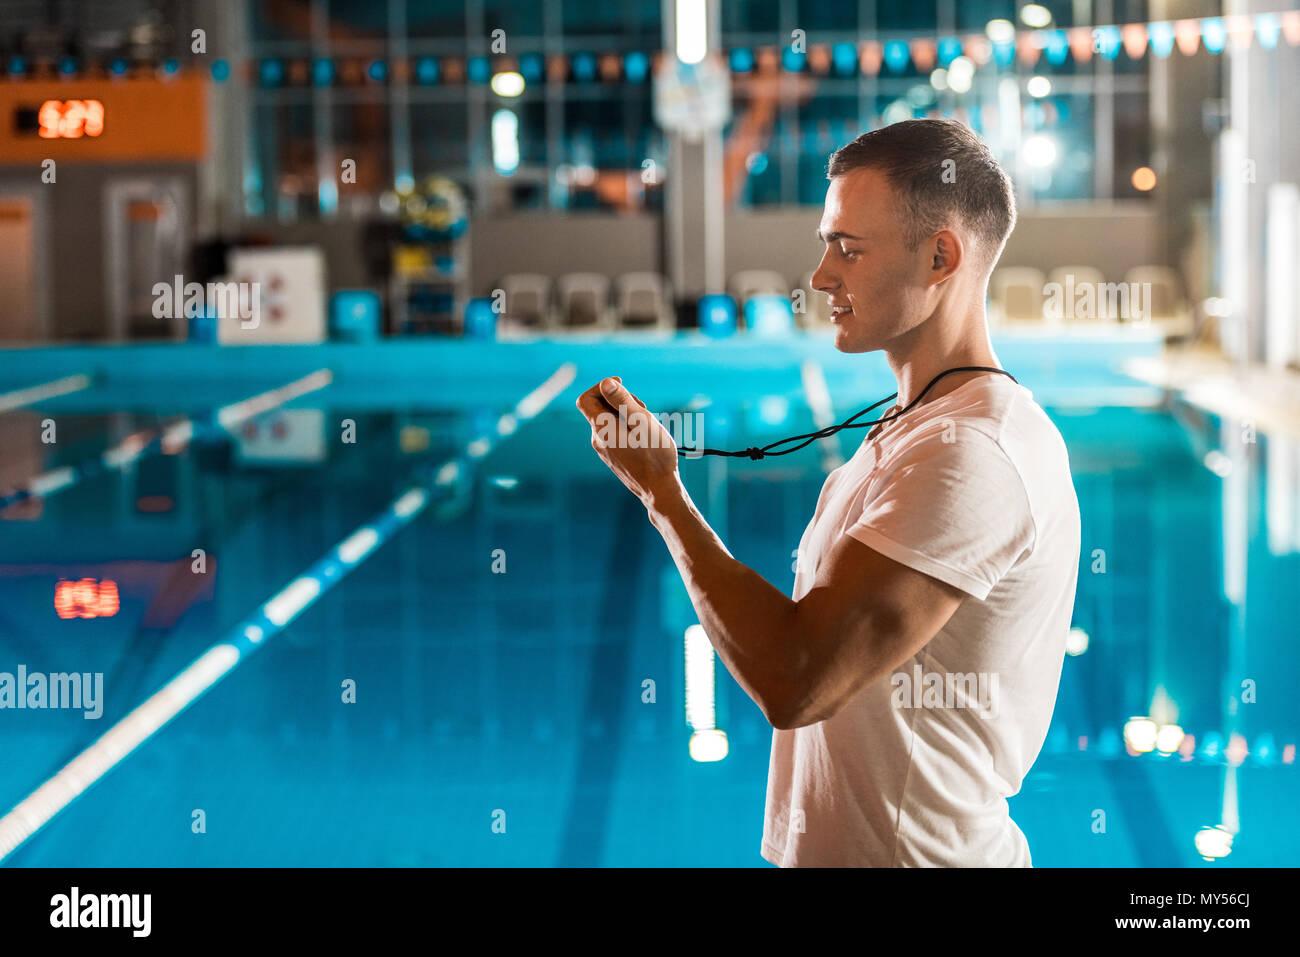 Beau entraîneur de natation avec chronomètre à la concurrence piscine Photo Stock